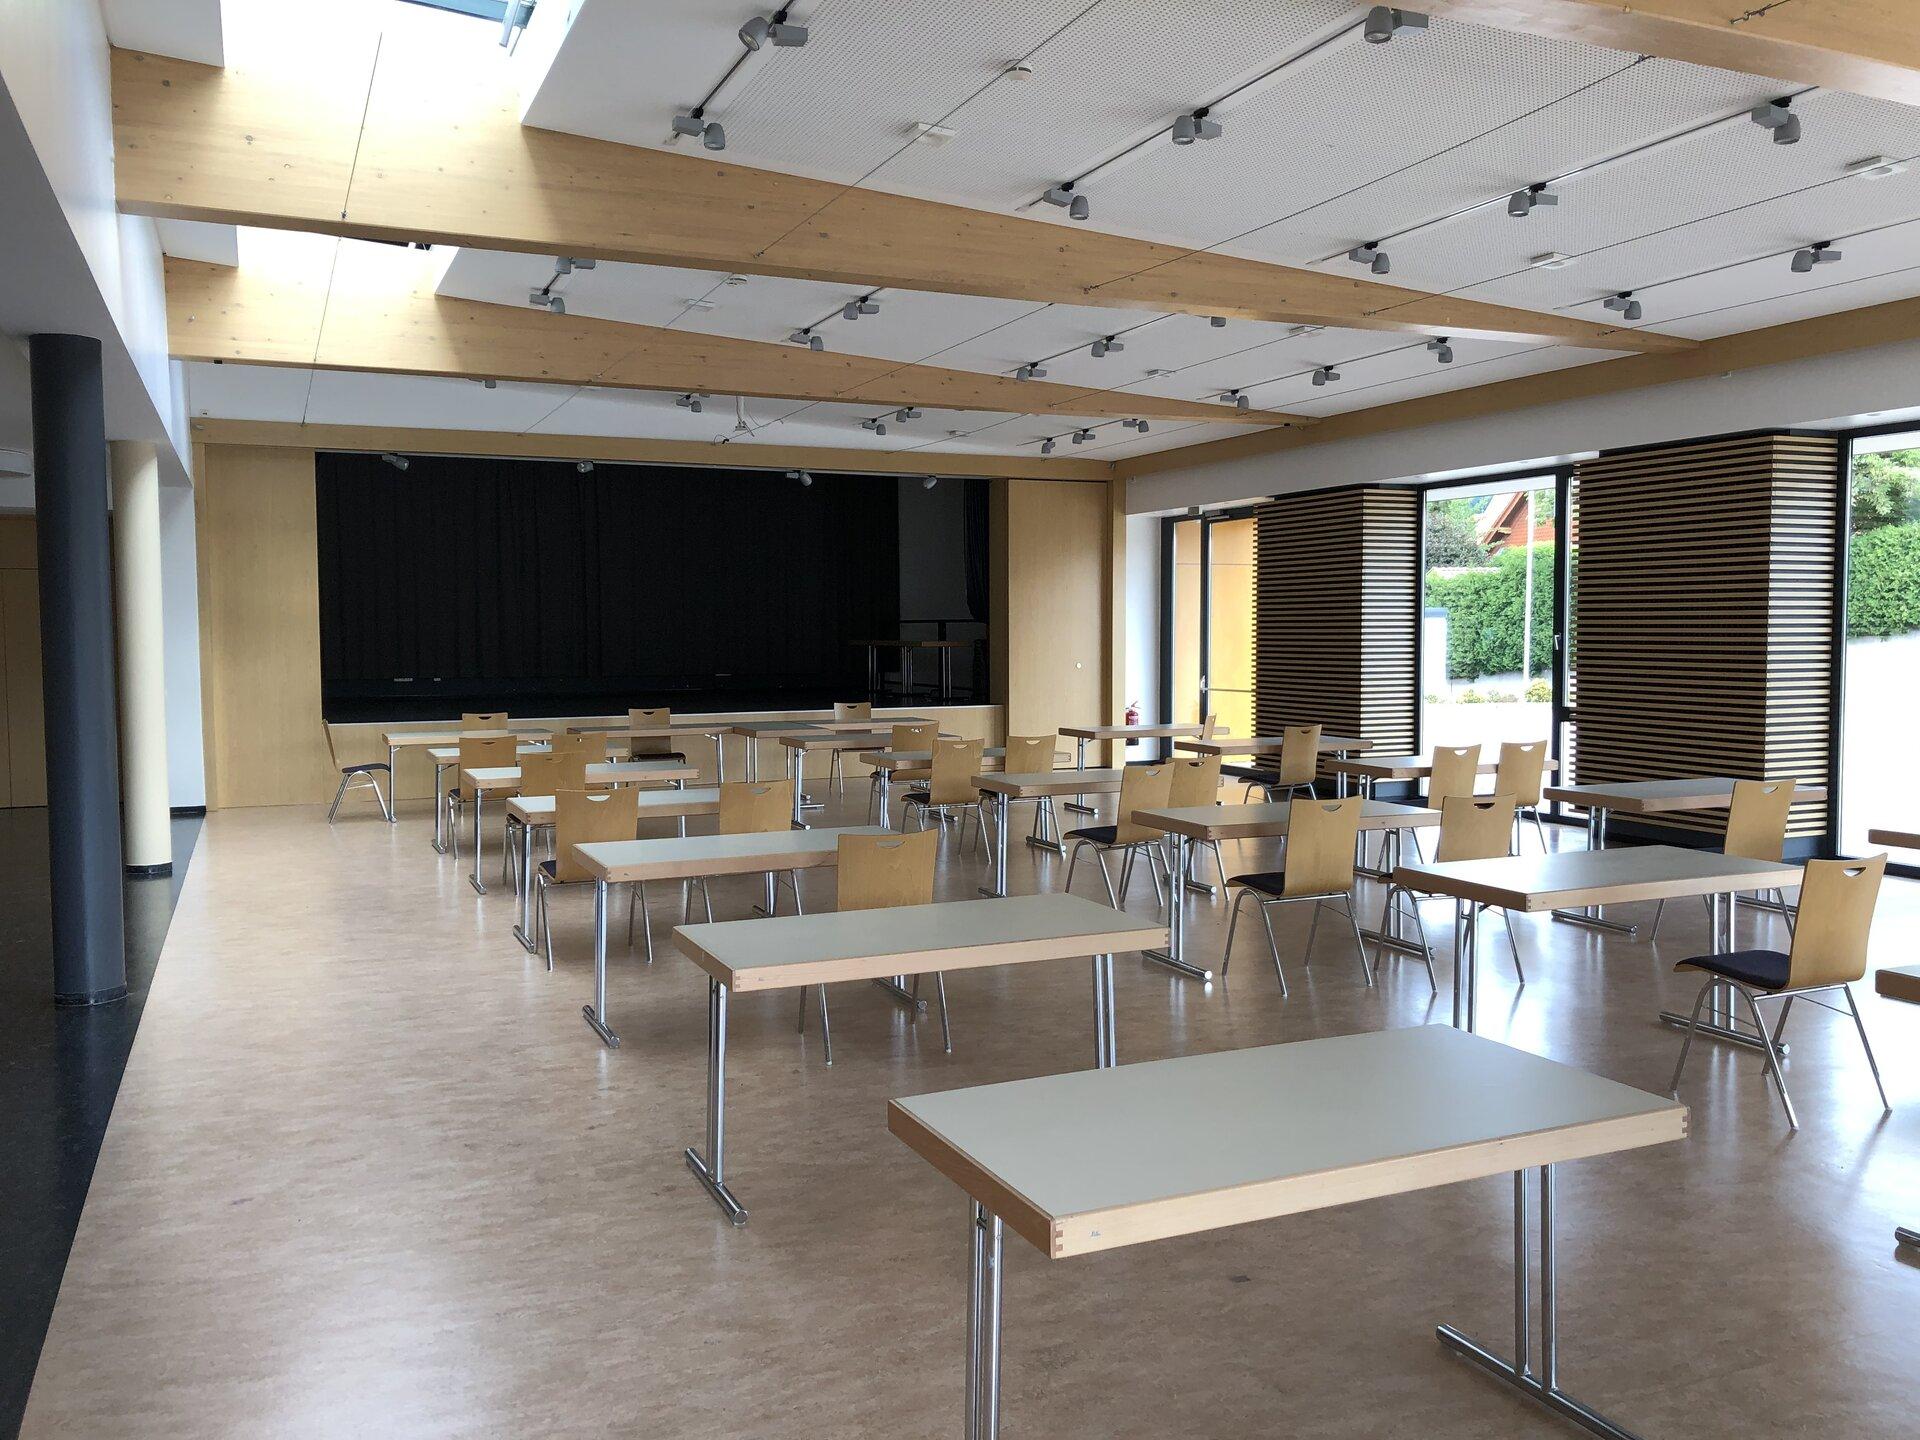 Großer Saal in Blickrichtung Bühne